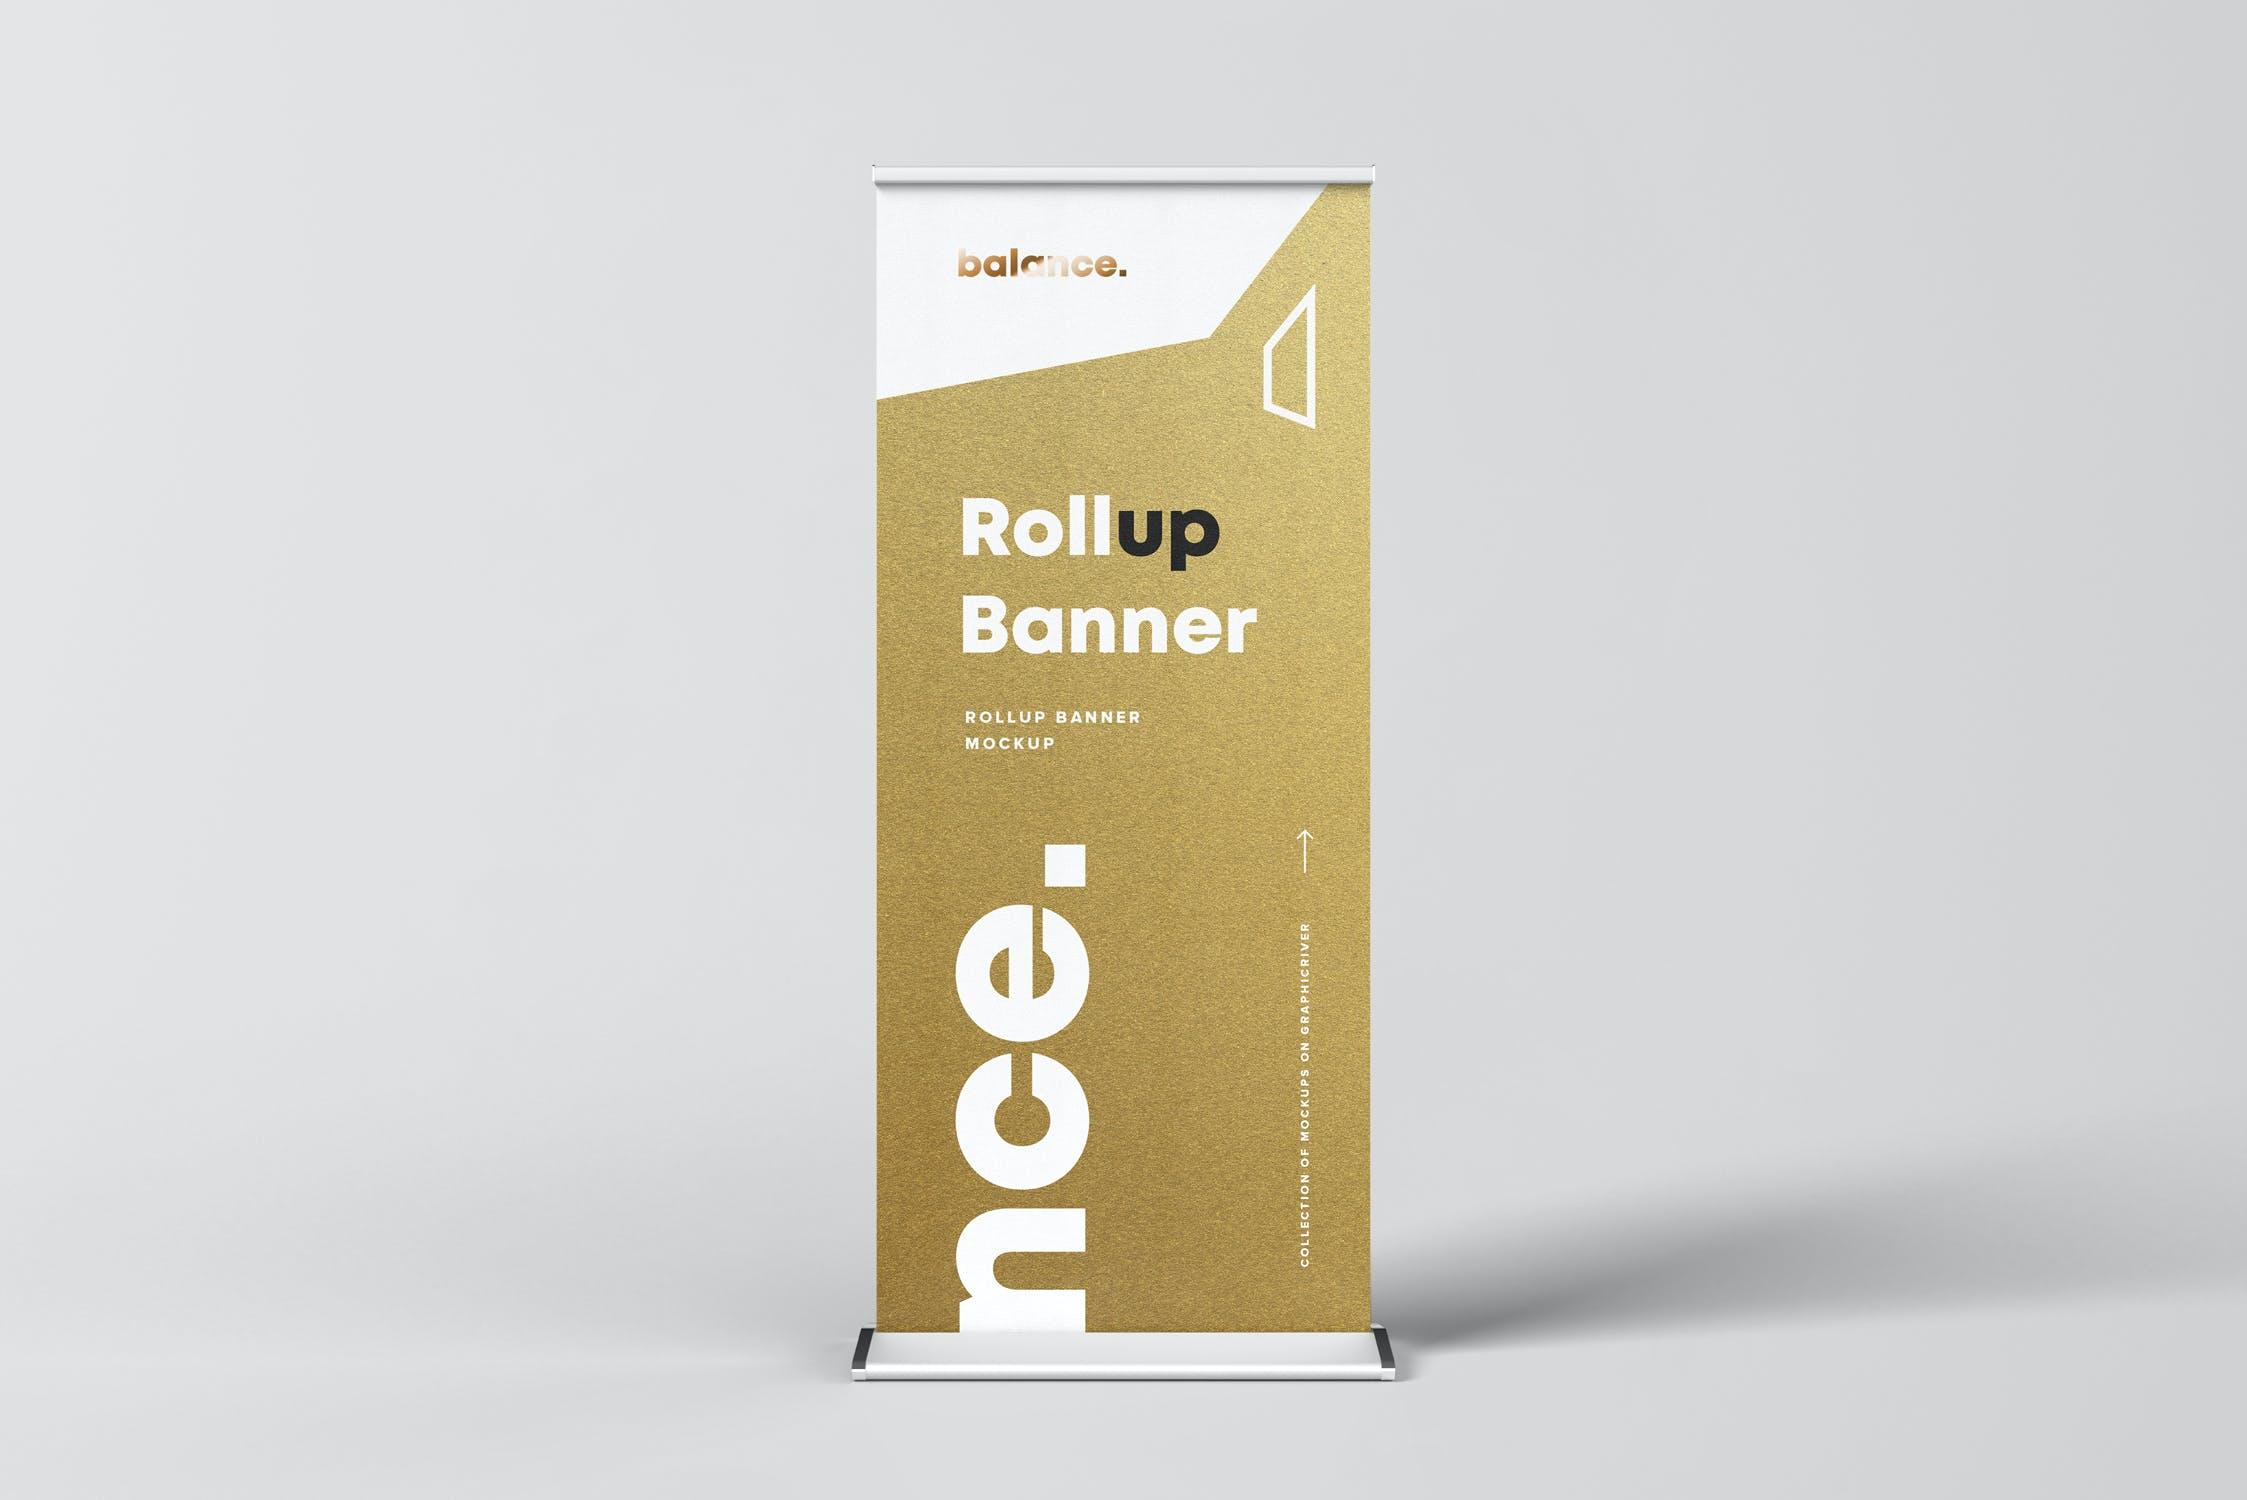 7款自立式易拉宝展架横幅海报设计展示样机模板 Roll Up Banner Mockup插图(7)